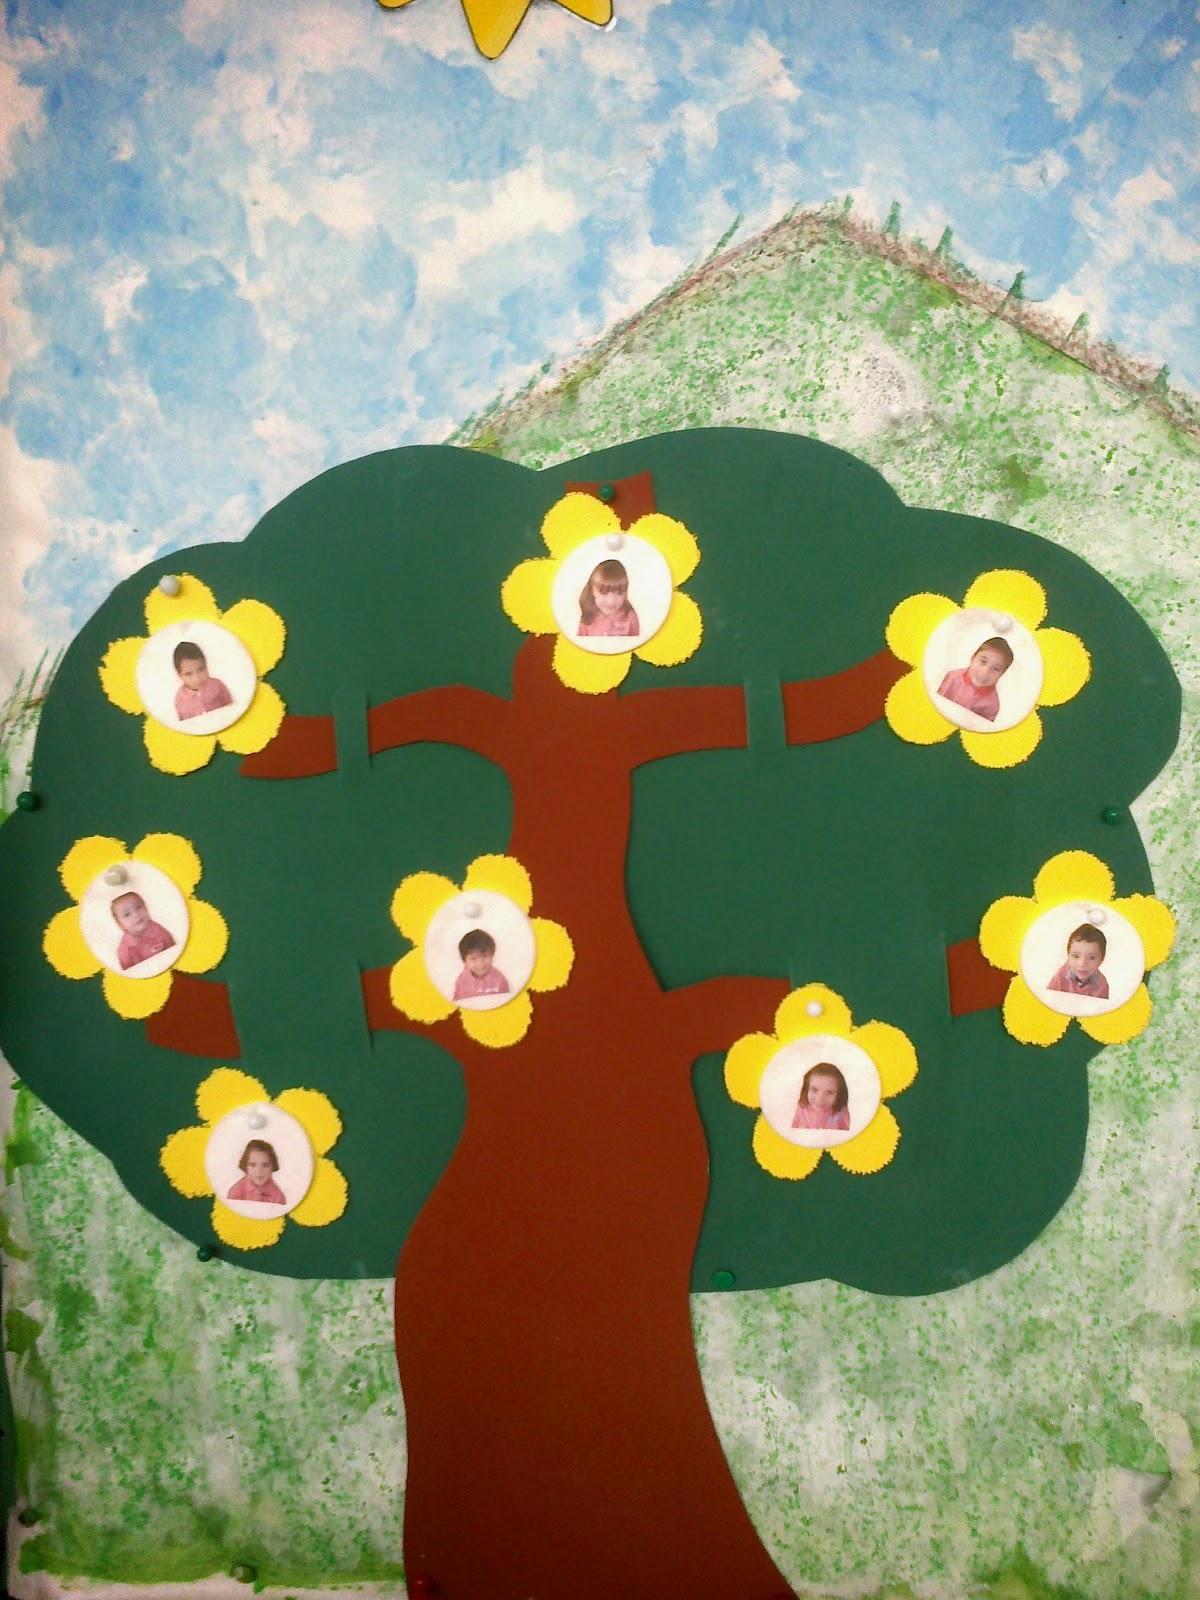 Infantil calvo sotelo decoraci n de primavera for Decoracion primavera infantil